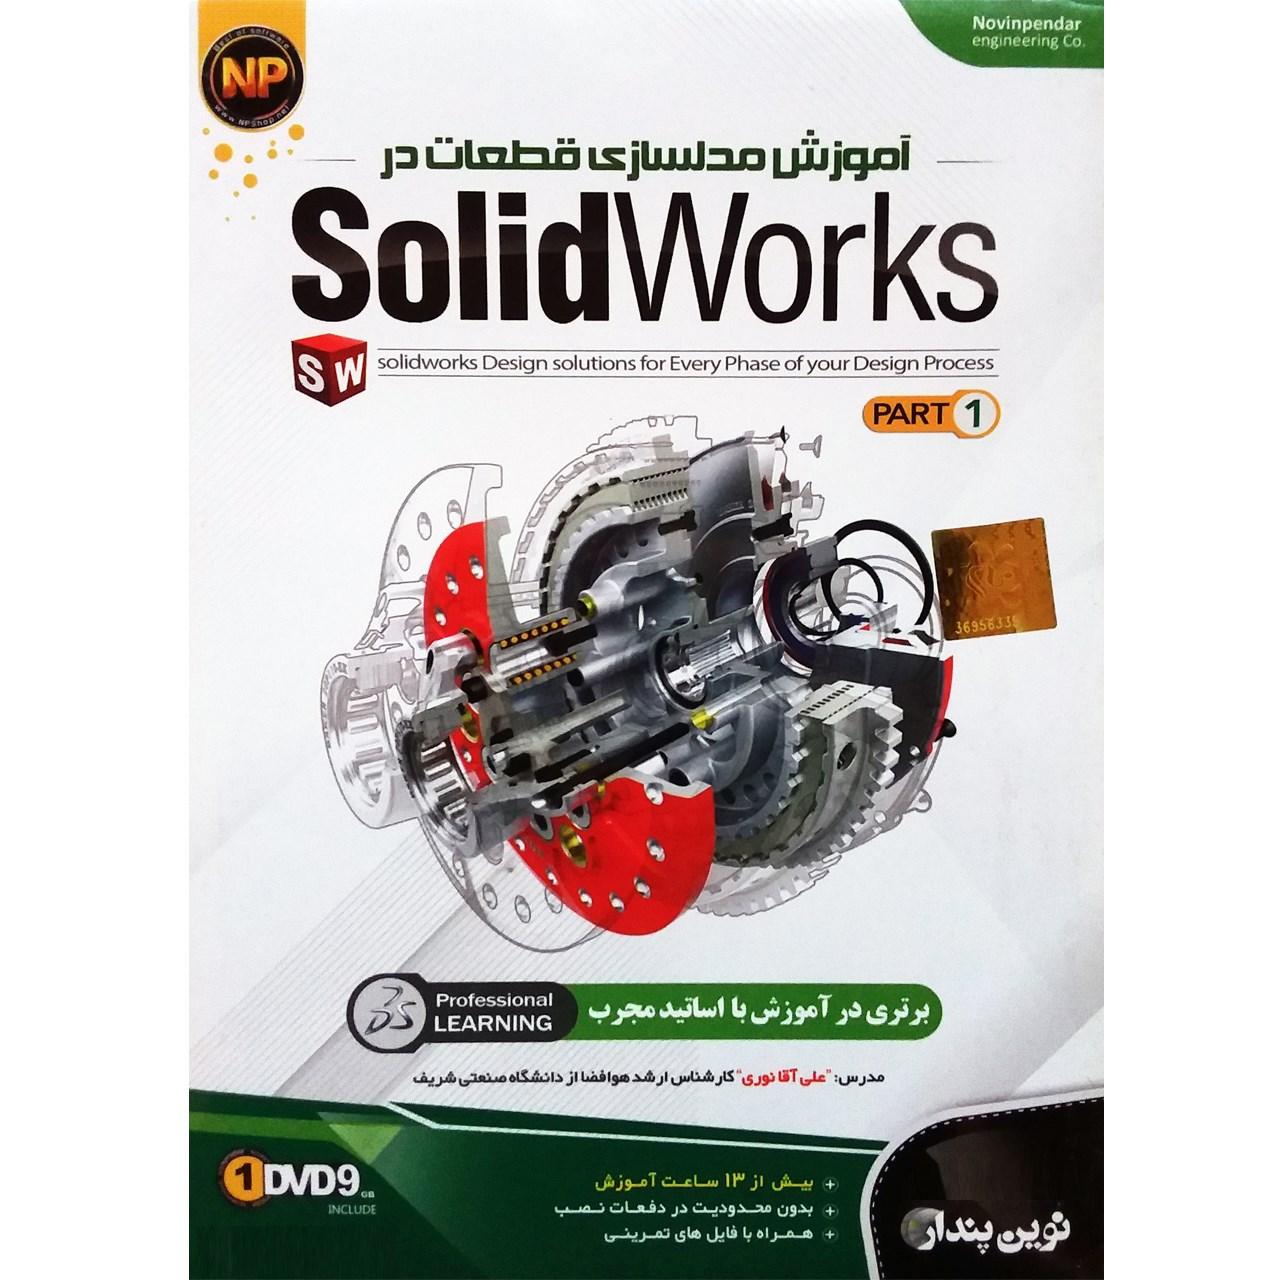 آموزش مدلسازی قطعات در Solidworks - پارت 1 نشر نوین پندار